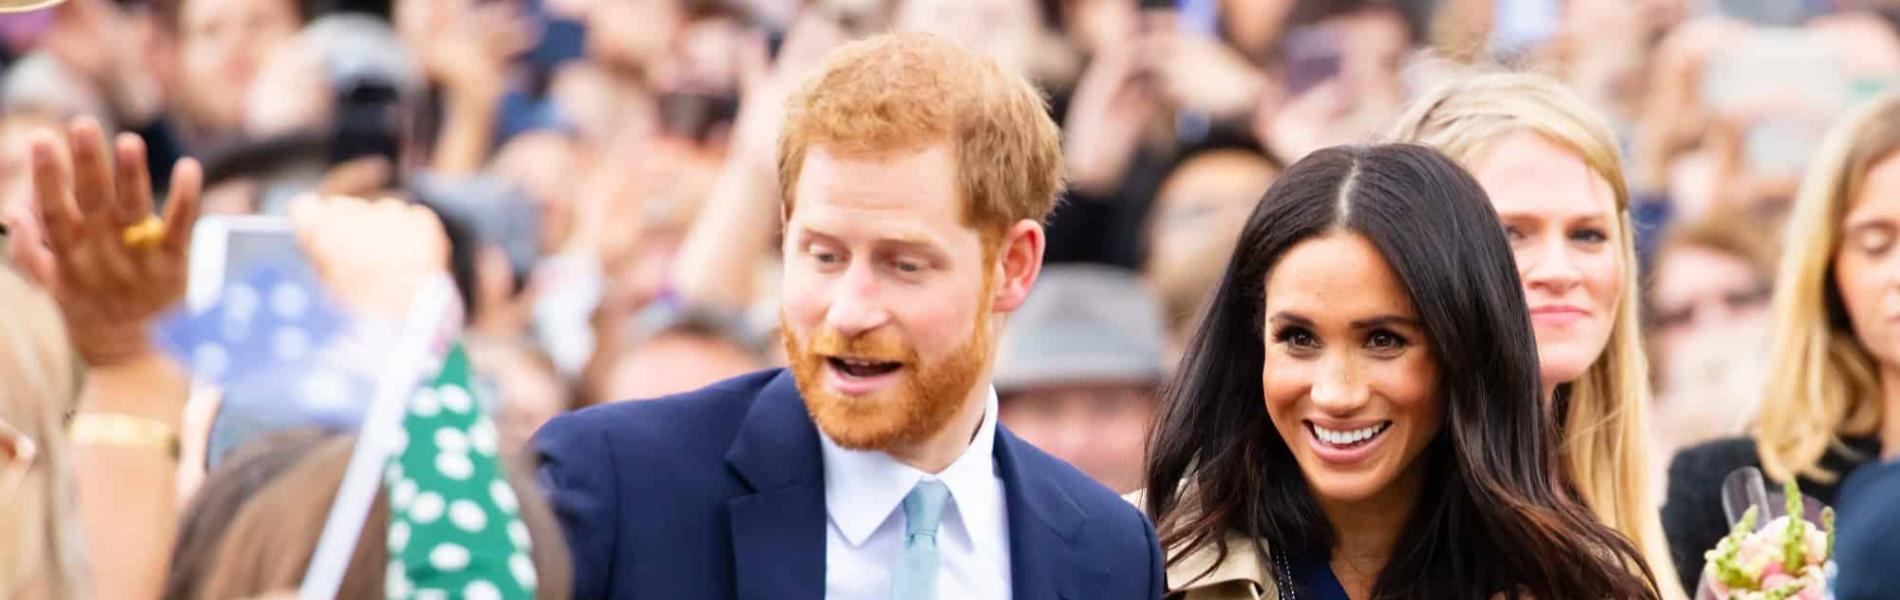 לא רק תה וביסקוויטים: מה בדיוק הנסיך הארי עושה בחיים?